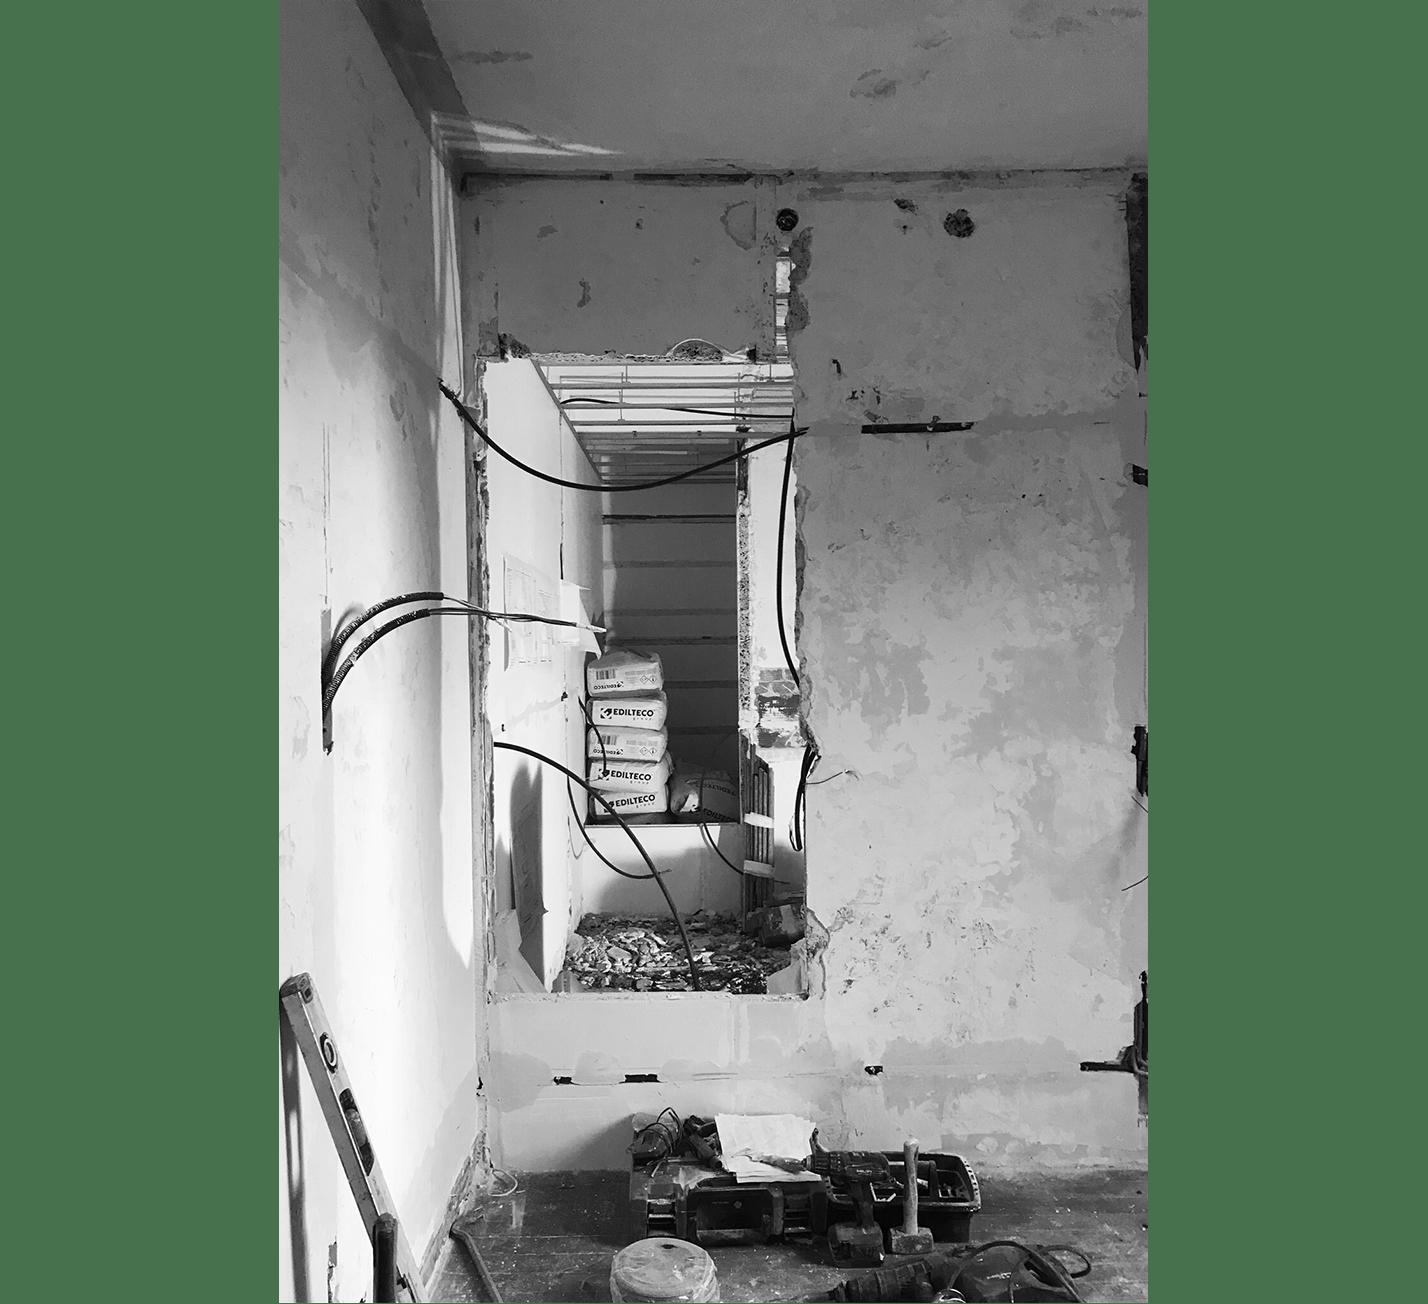 Projet-Pantin-Atelier-Steve-Pauline-Borgia-Architecture-interieur-01-min